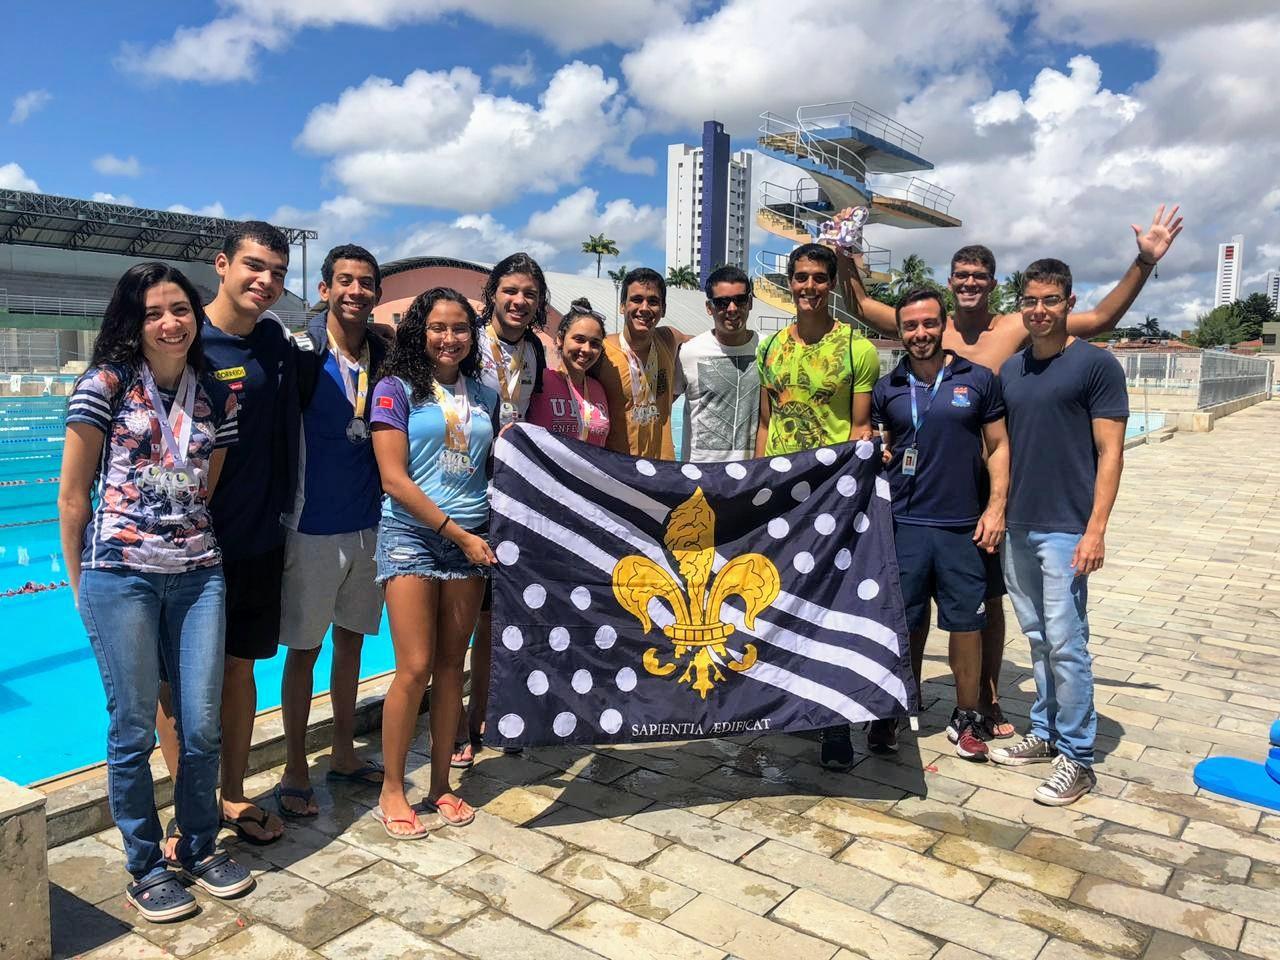 Integração da equipe de natação da UFPB comemorando os resultados obtidos.